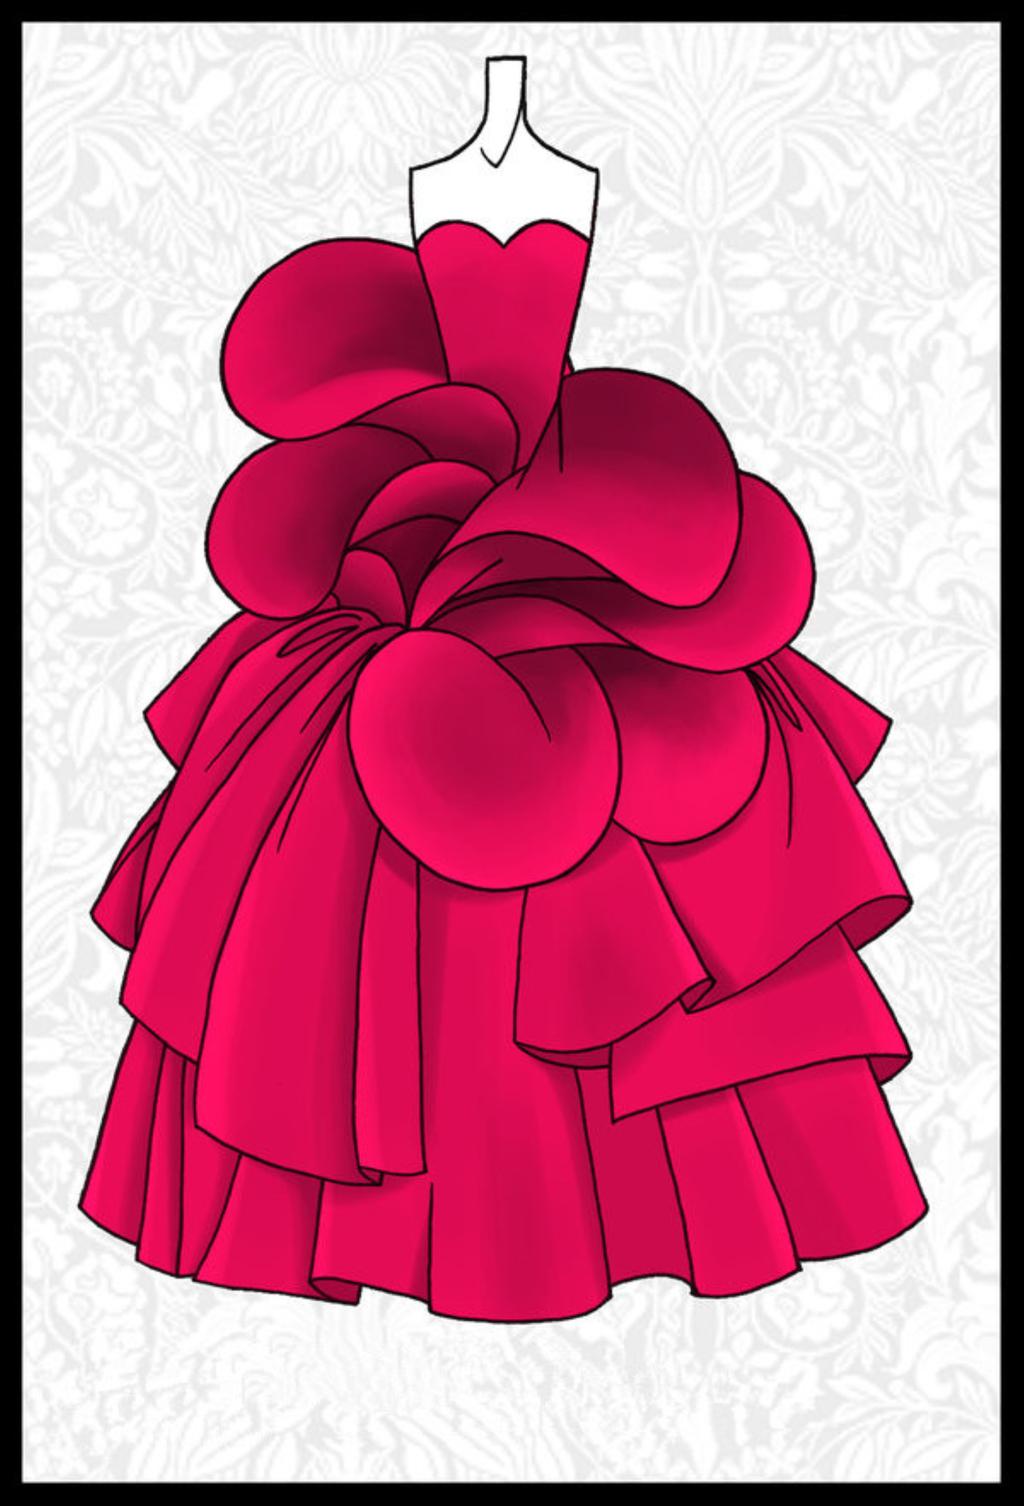 女装手绘搞 手绘搞 女装原稿 女装线描搞 素描搞 色彩稿 服装 上色稿